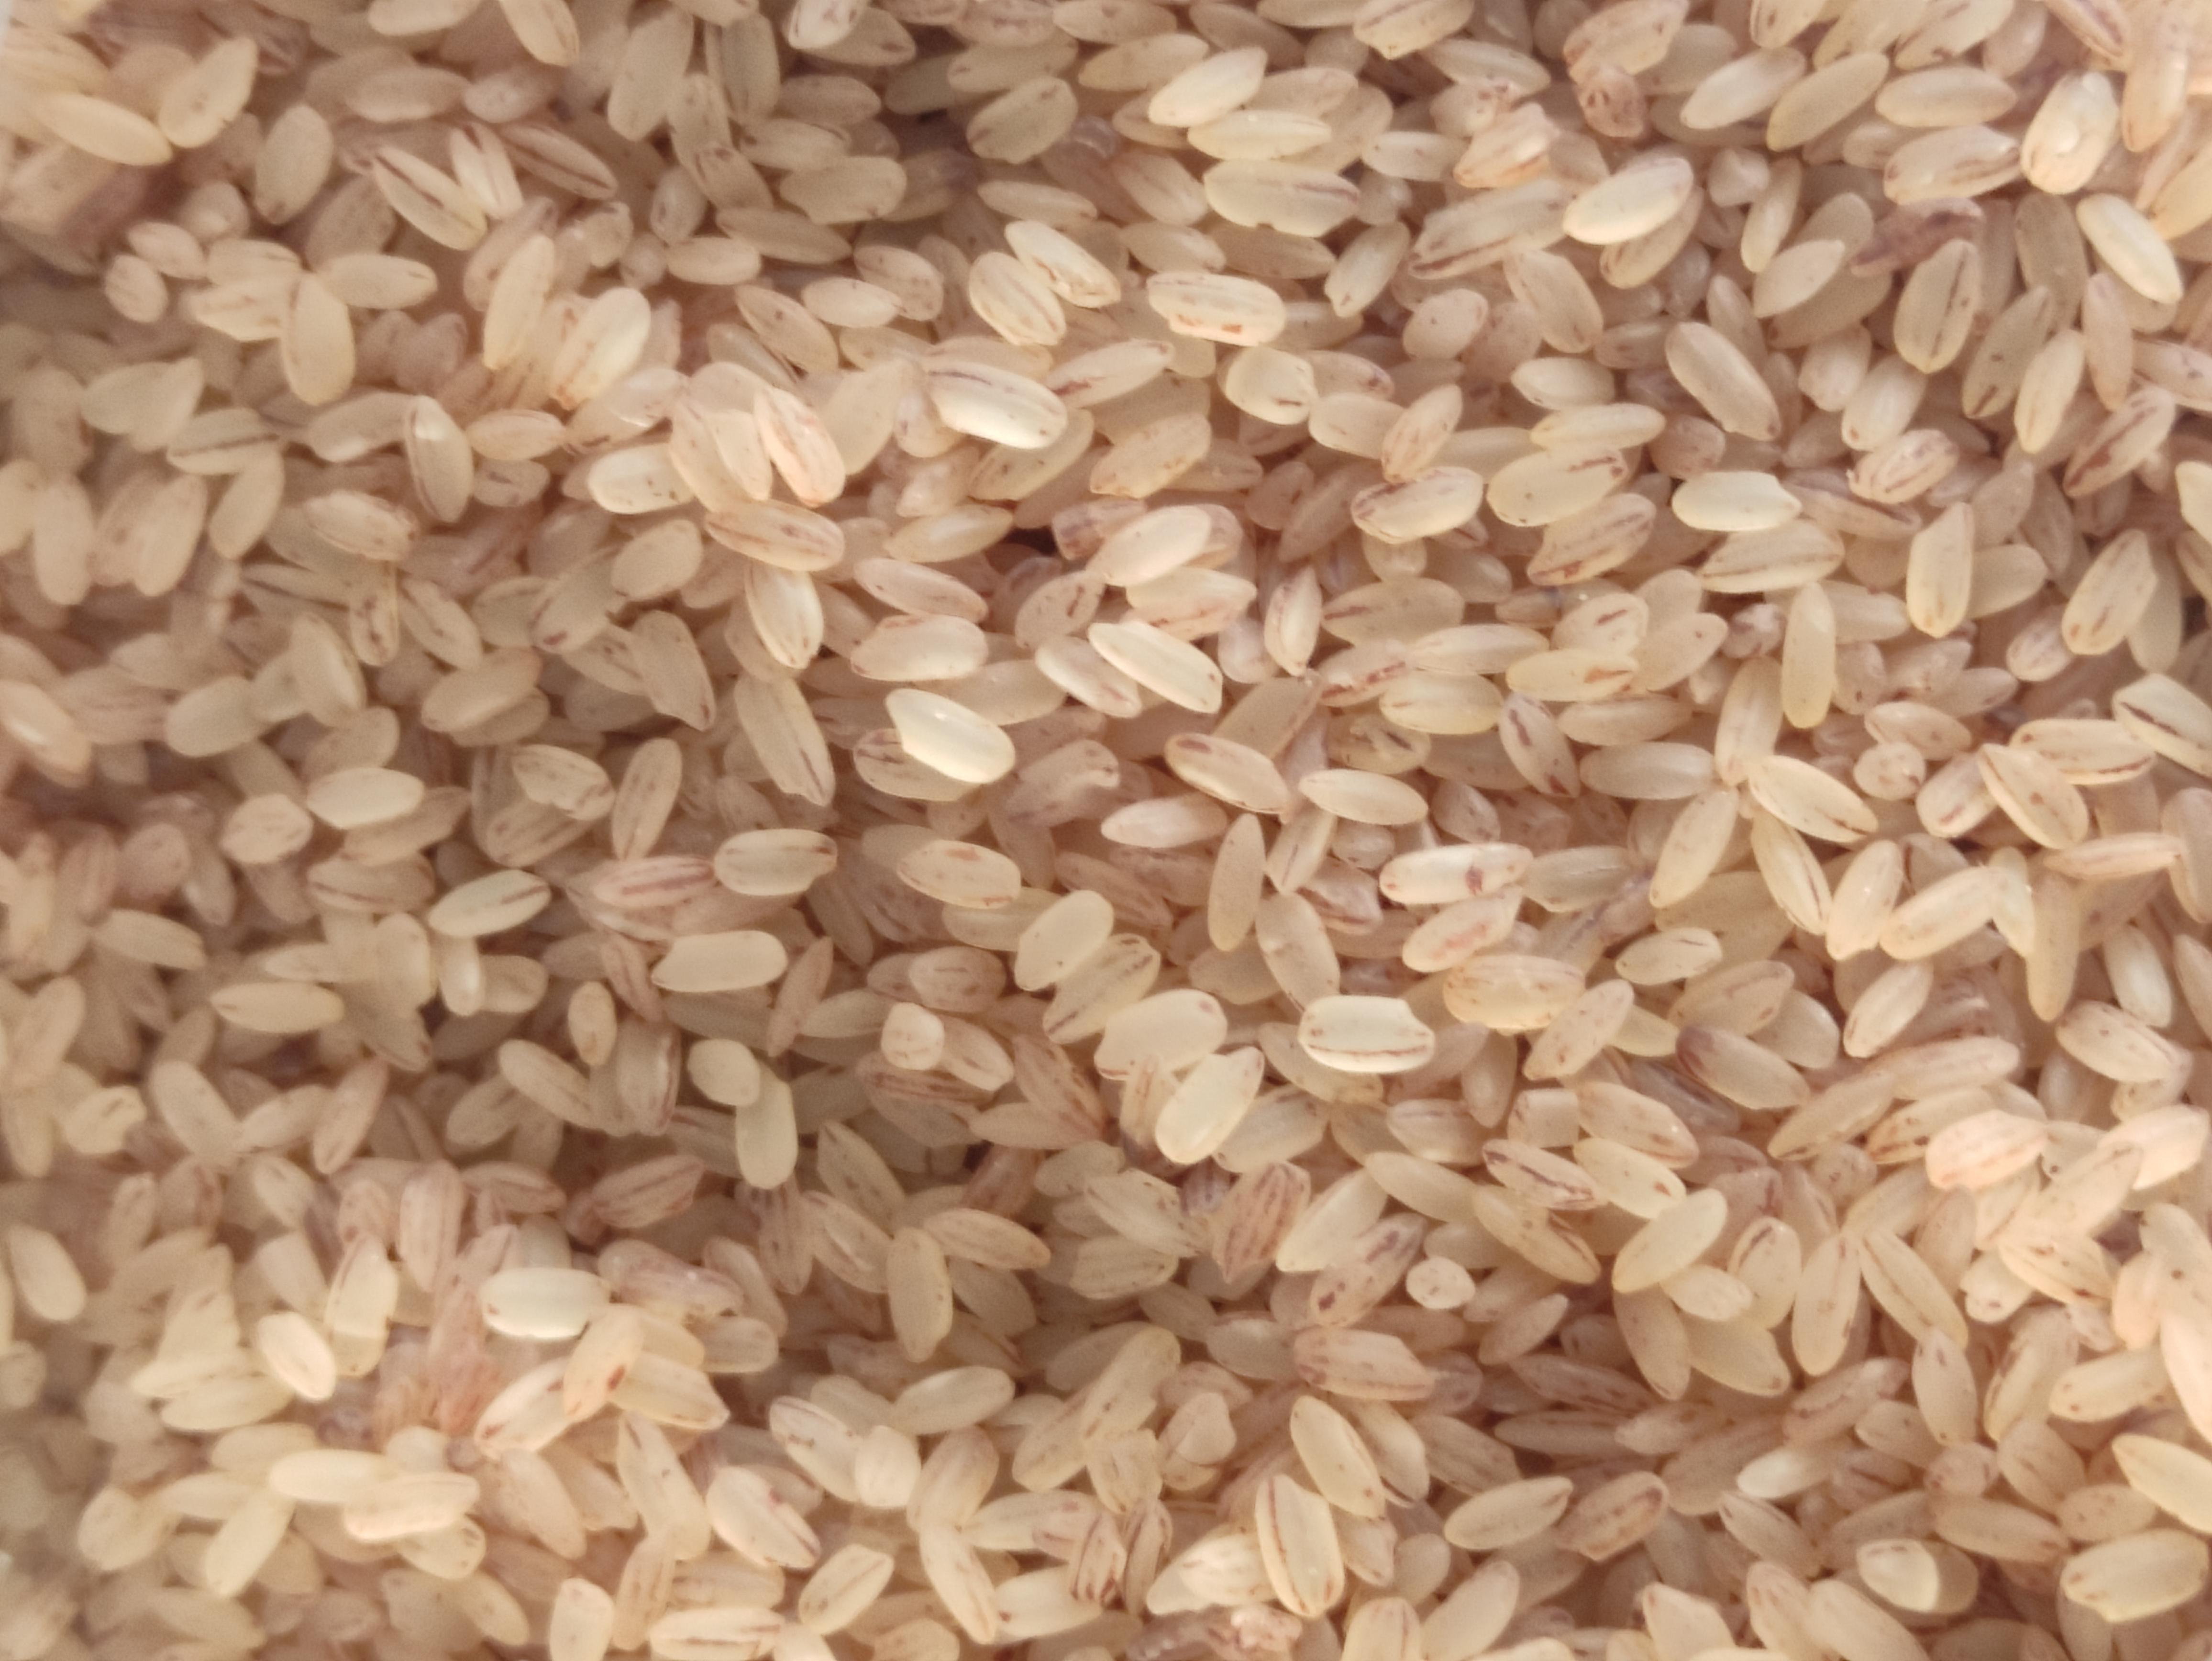 Pirinç - Üretici Mehmet Baran Aslan 7 tl fiyat ile 200.000 kilogram pirinç  satmak istiyor